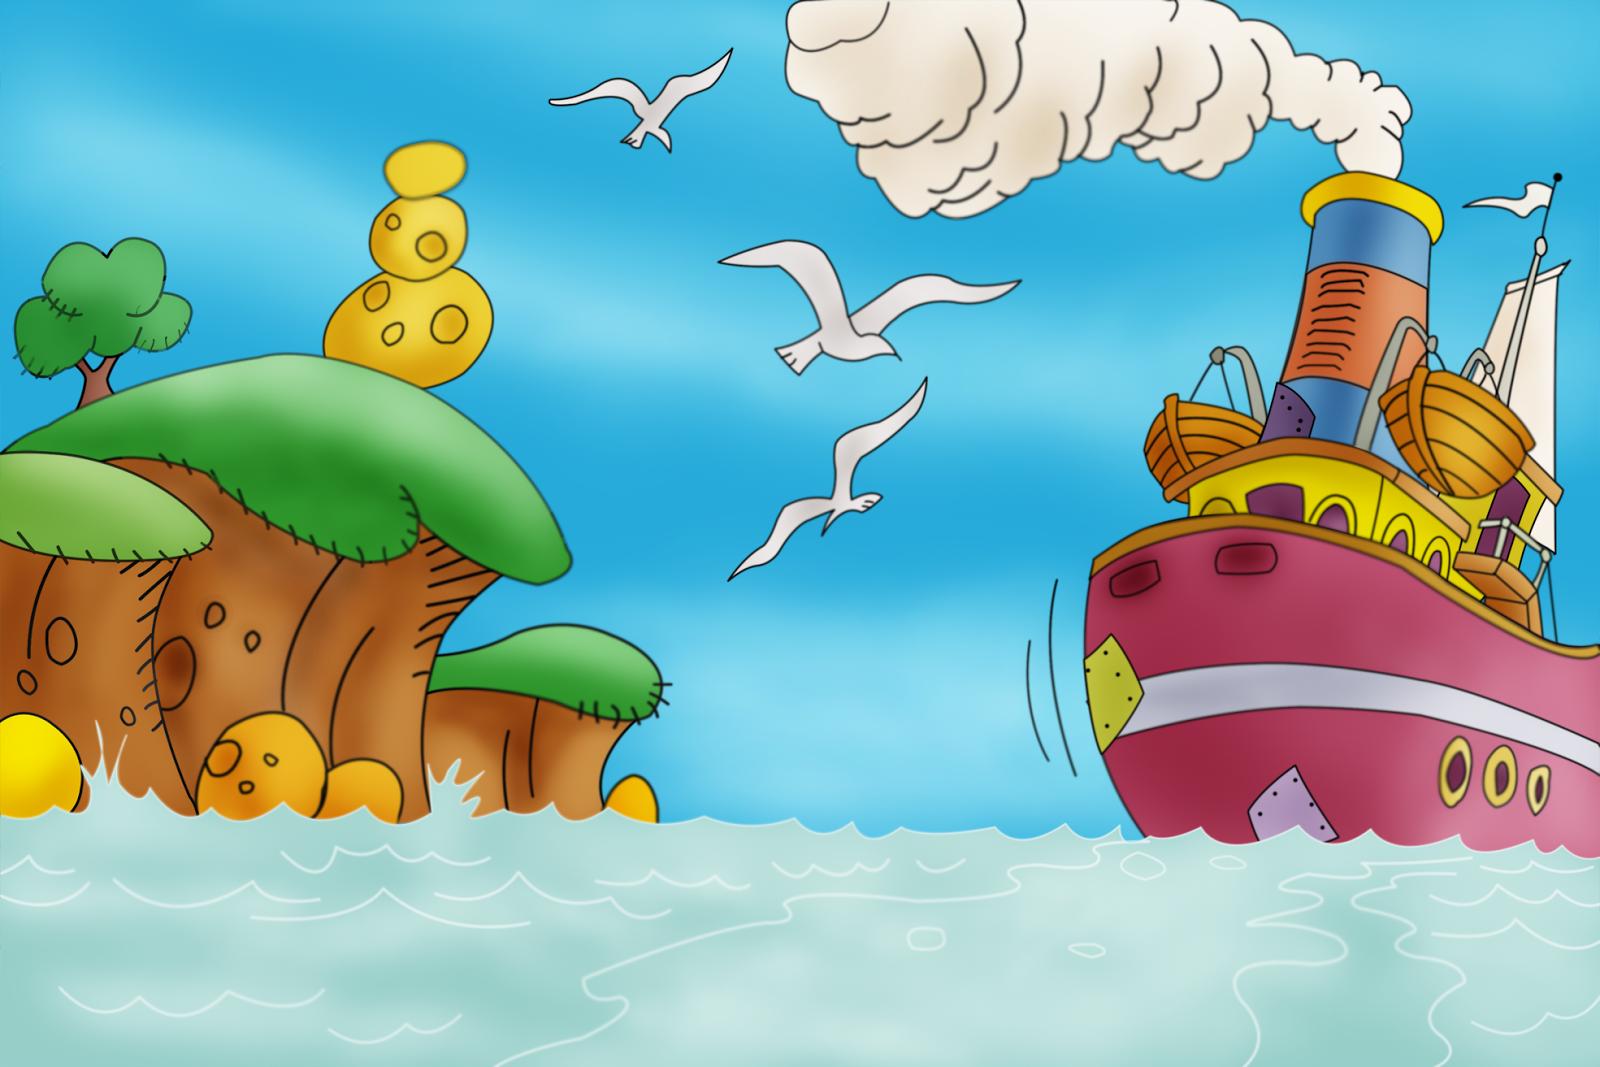 Imagenes y wallpapers fondo de pantalla para ni os - Imagenes de barcos infantiles ...